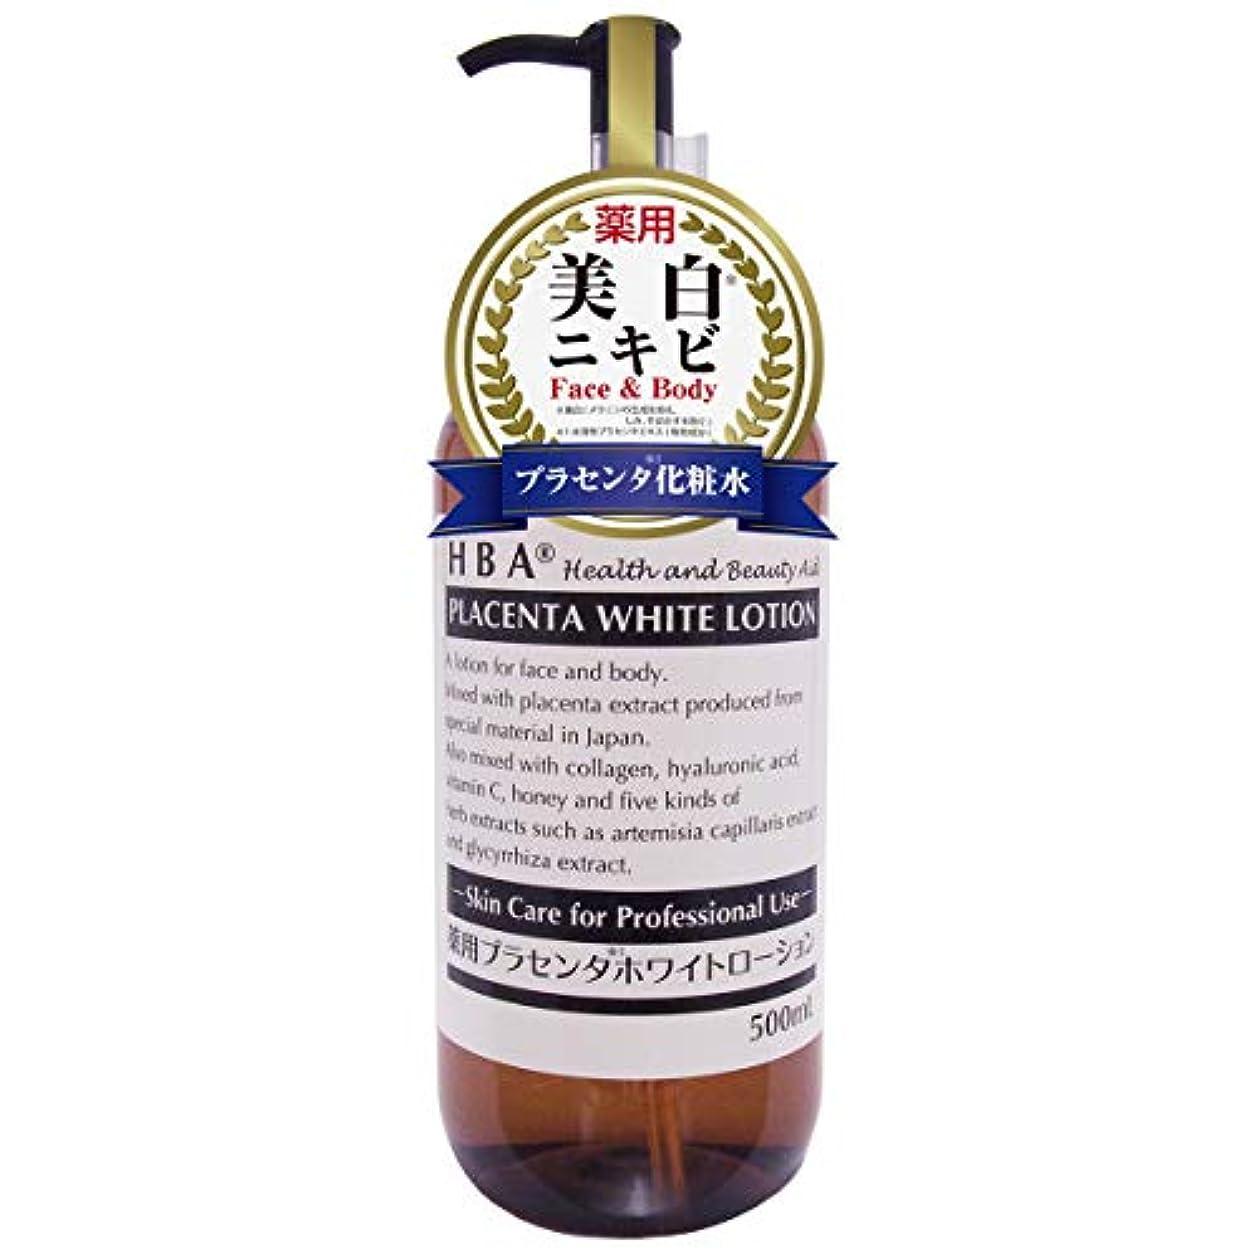 抱擁スカルク変えるHBA 薬用プラセンタ ホワイトローション (500mL)